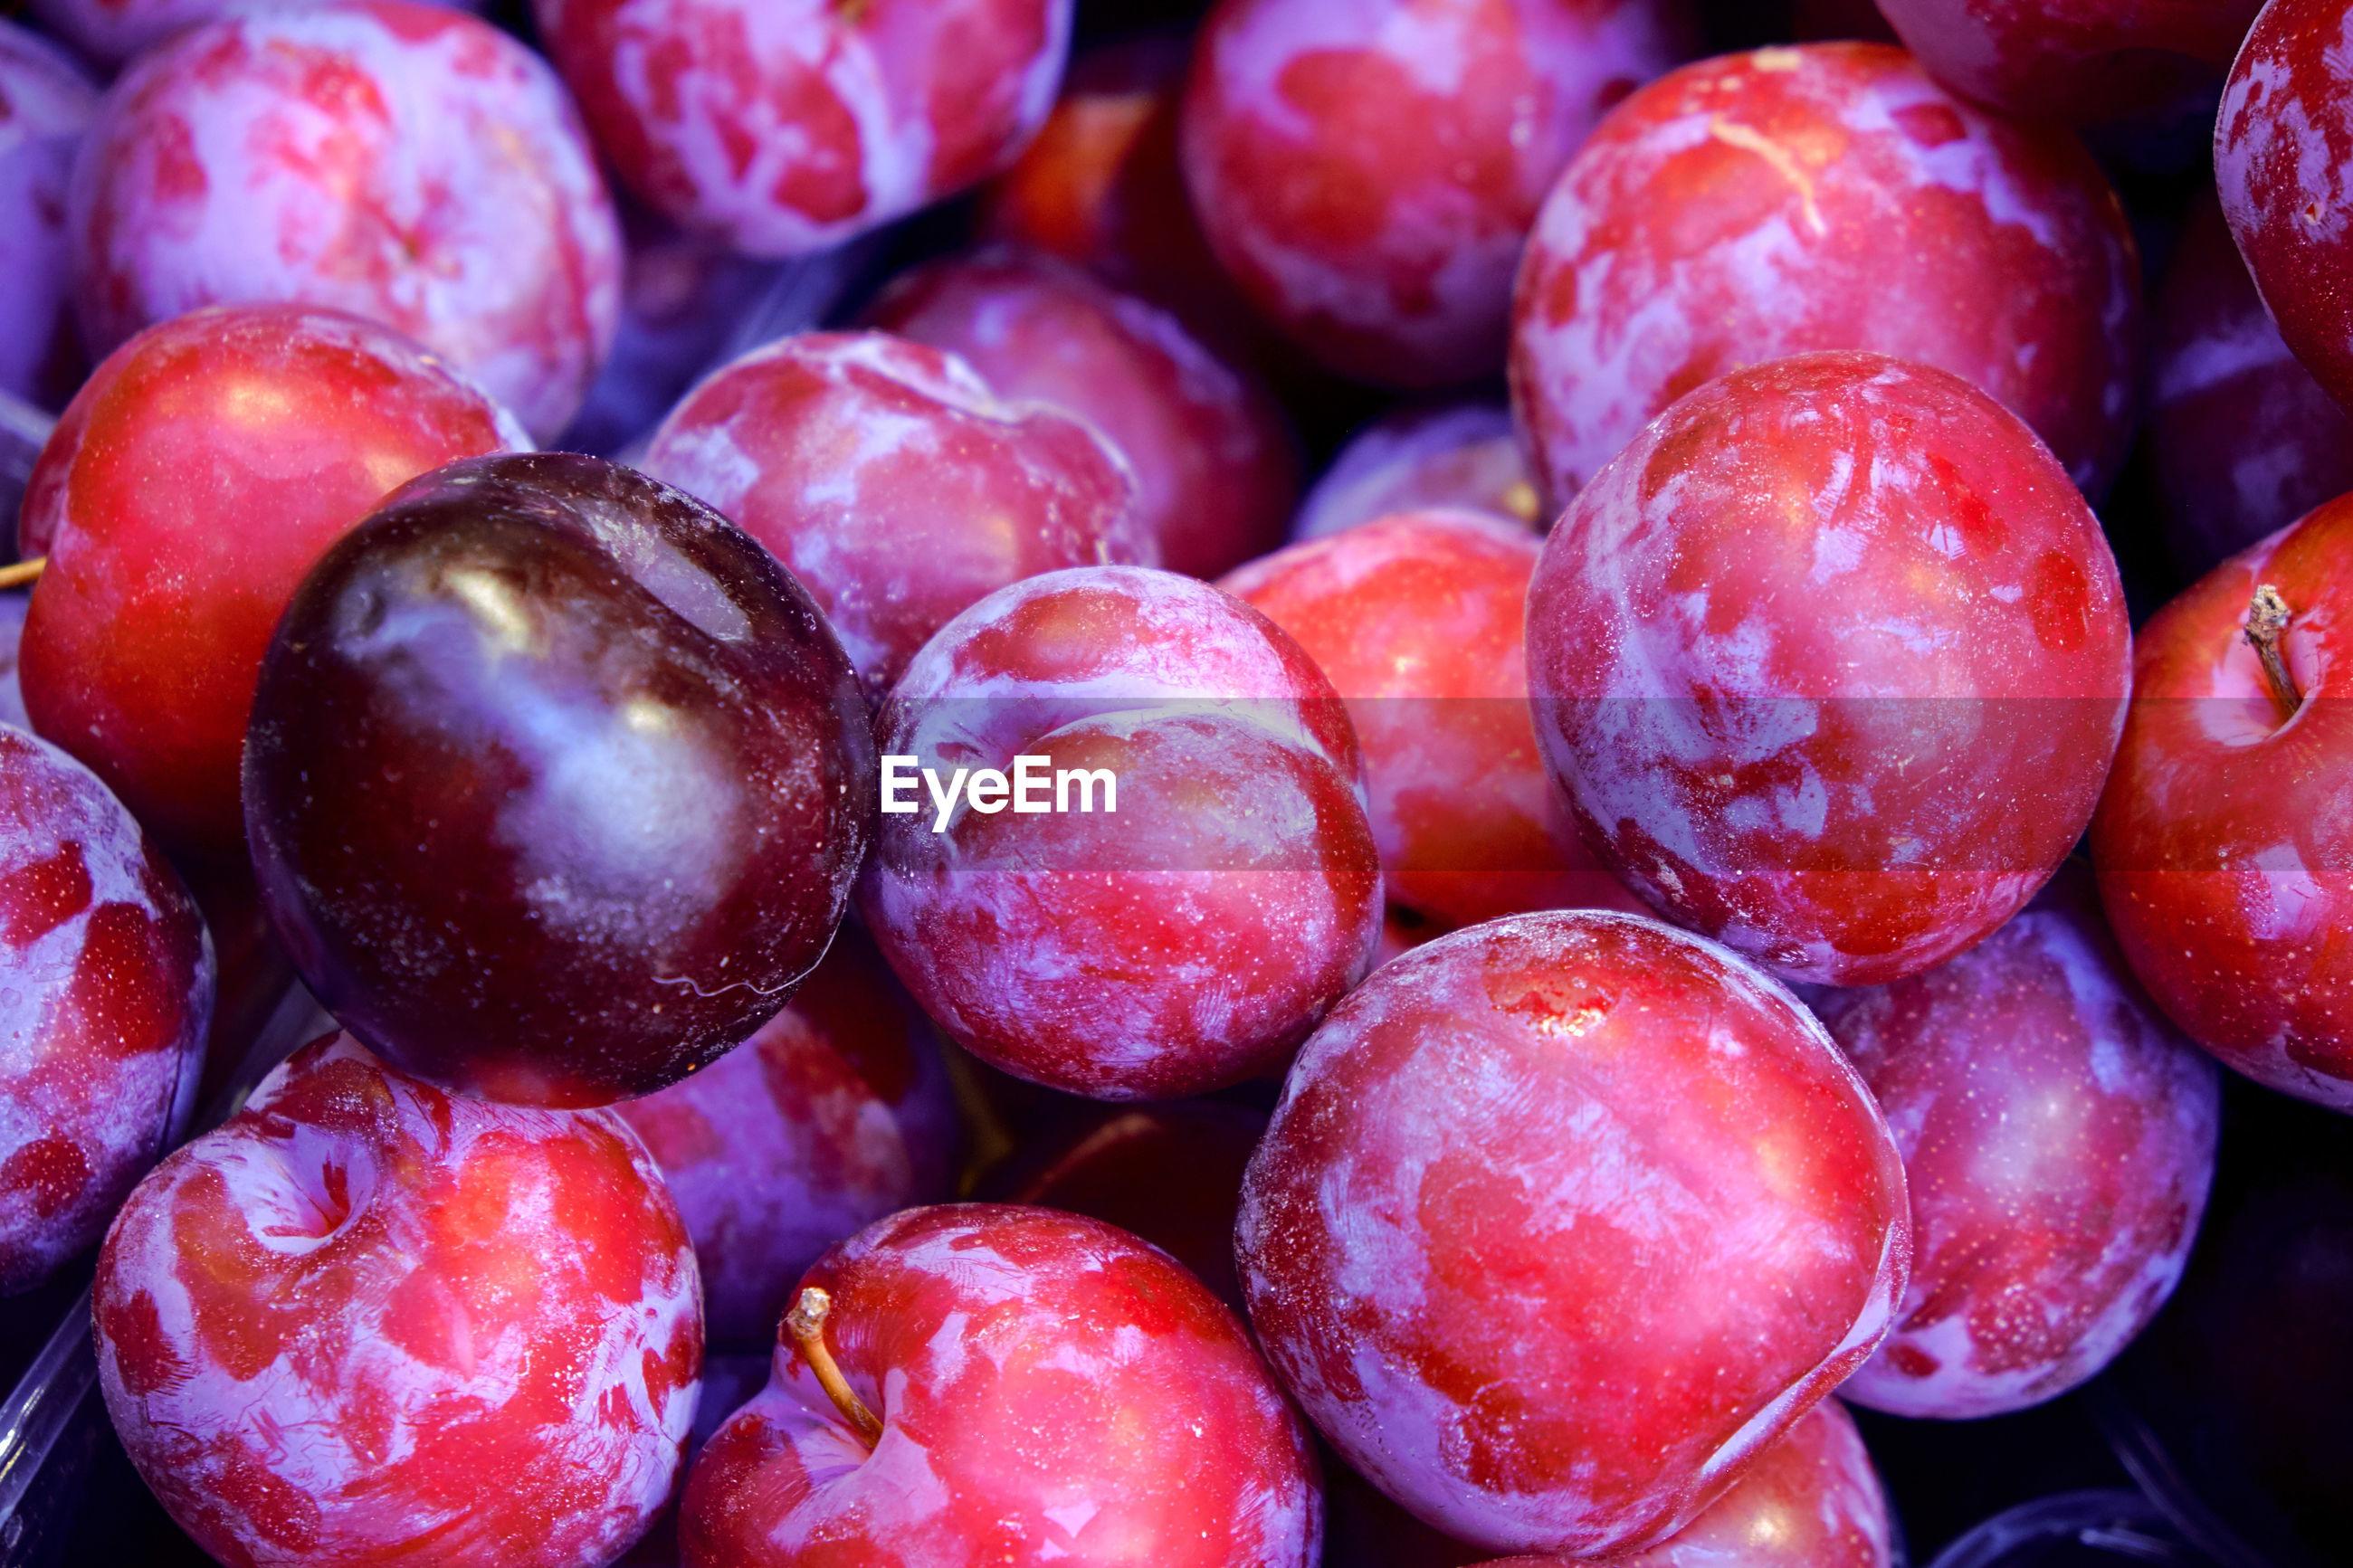 Full frame shot of plums